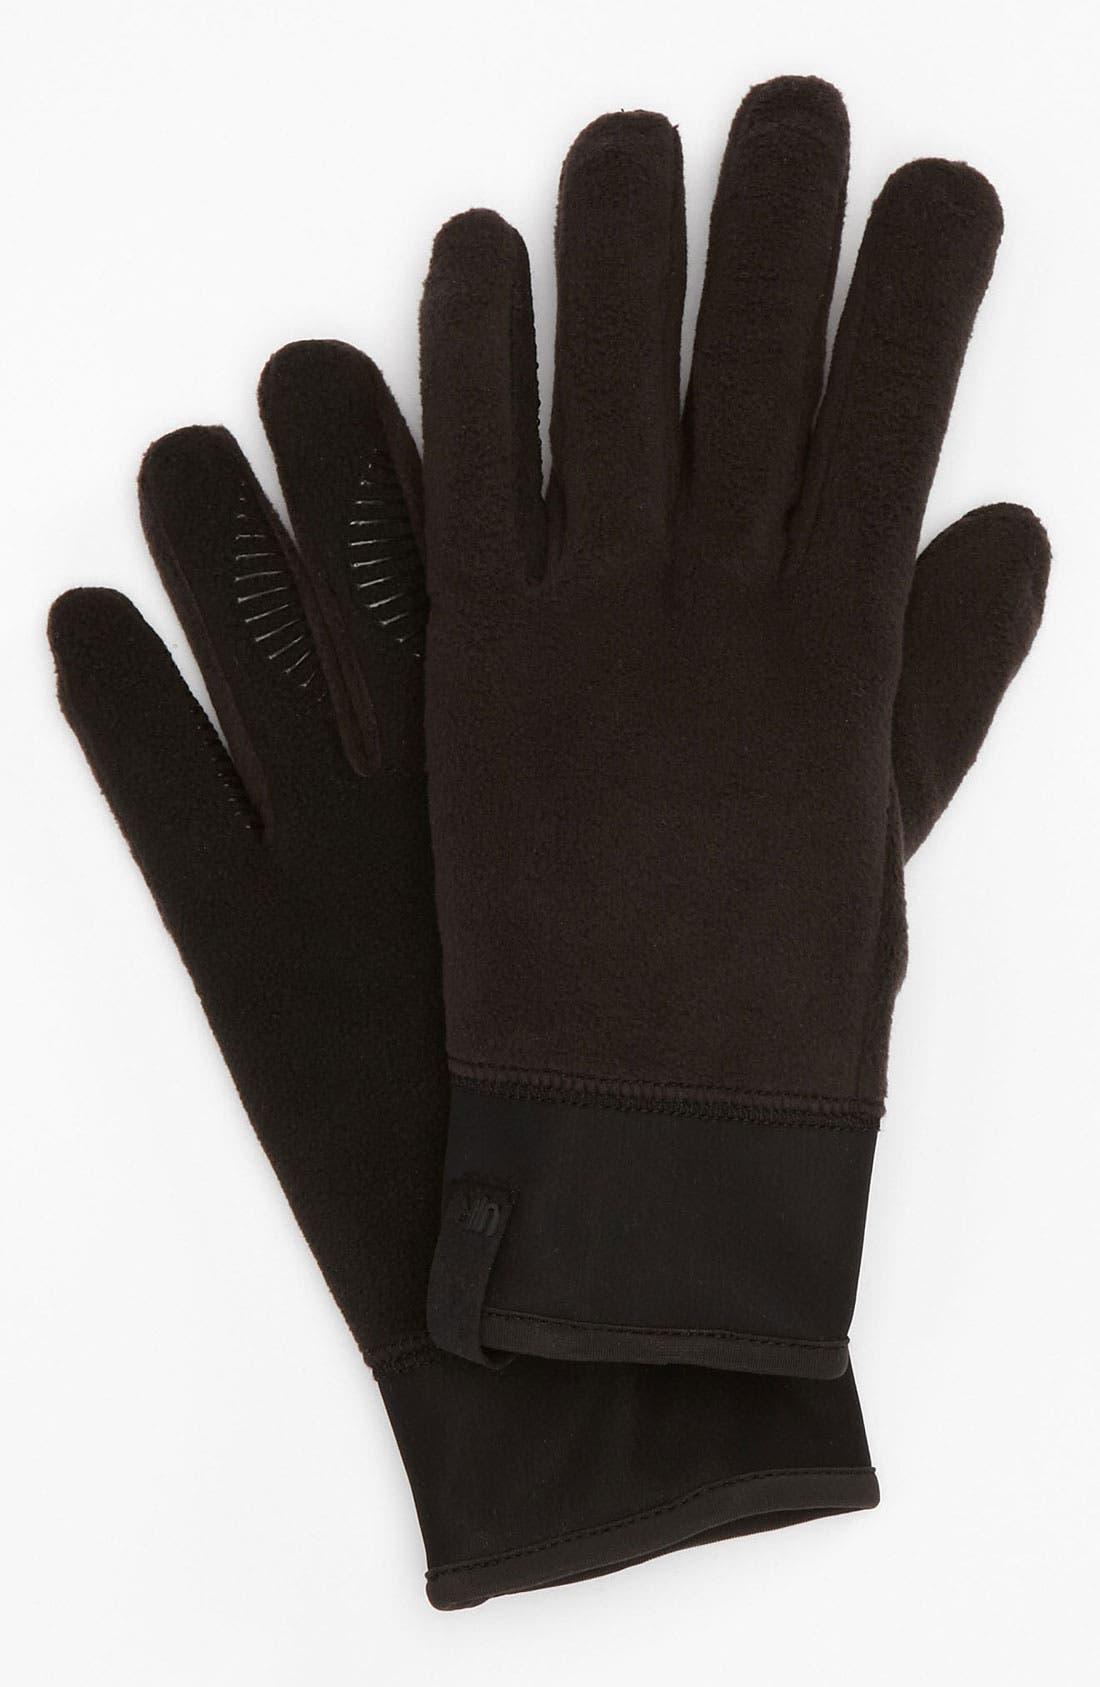 Tech Fleece Gloves,                         Main,                         color, Black